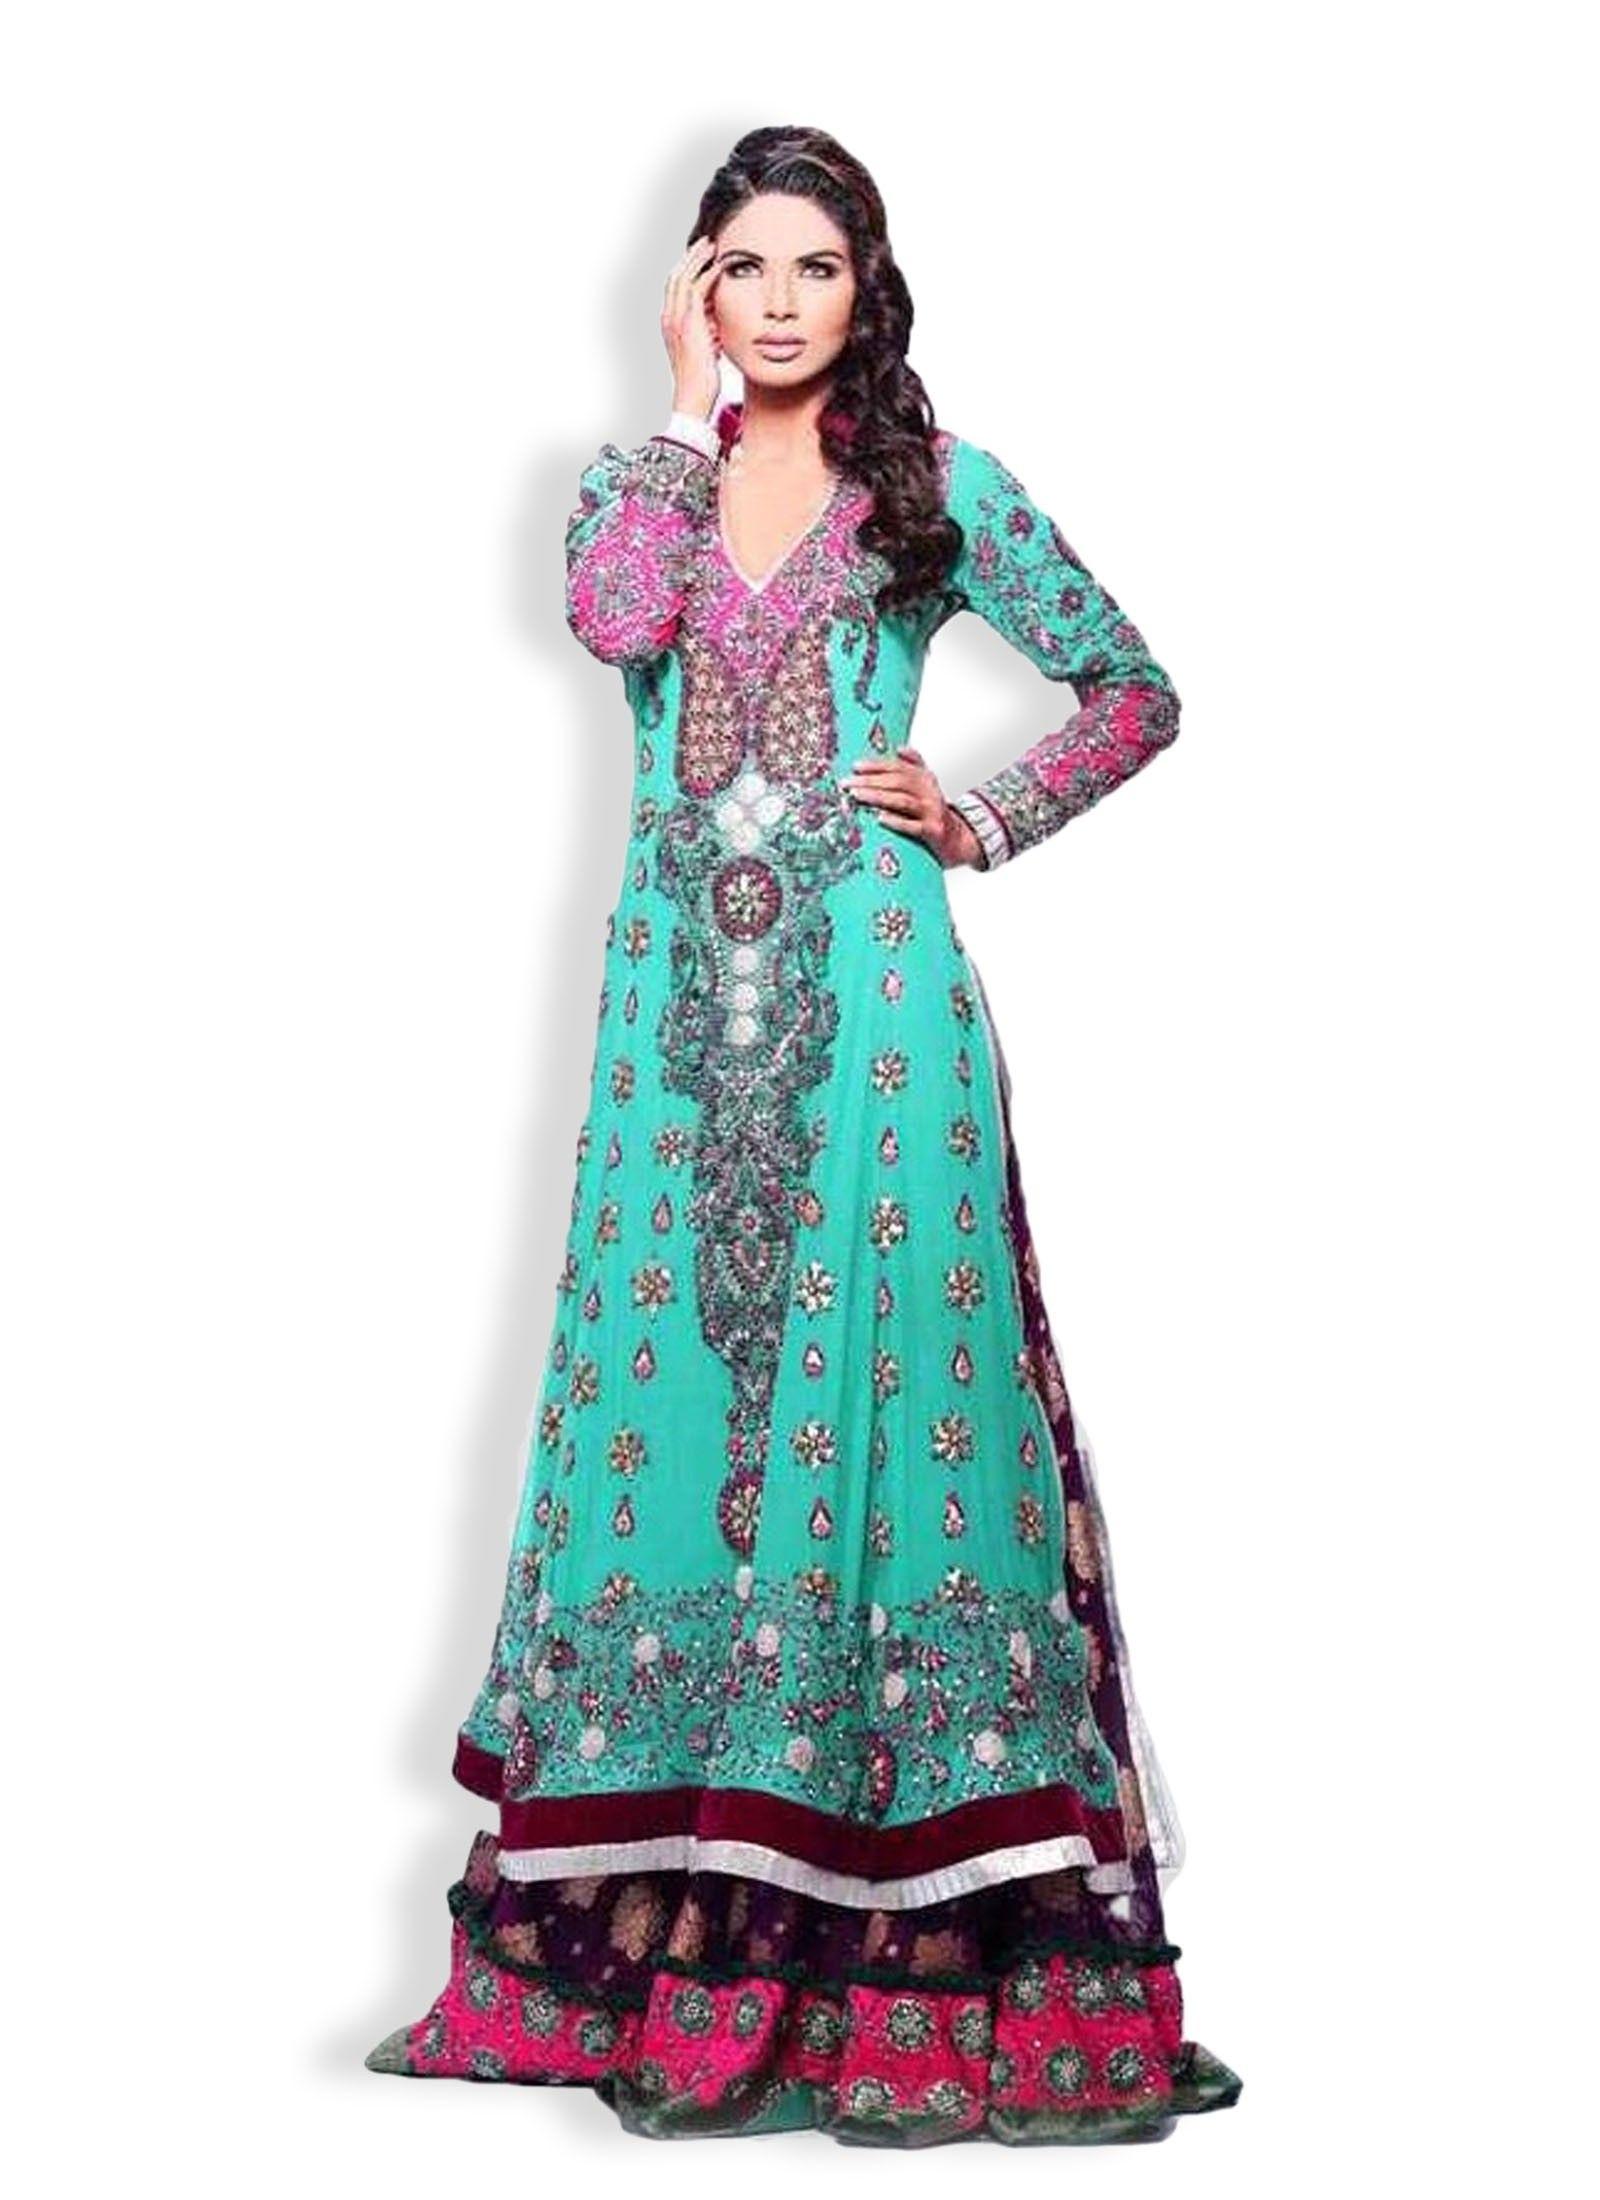 Shirt design for girl 2015 - Latest Bridal Sharara Dress Design For Girls